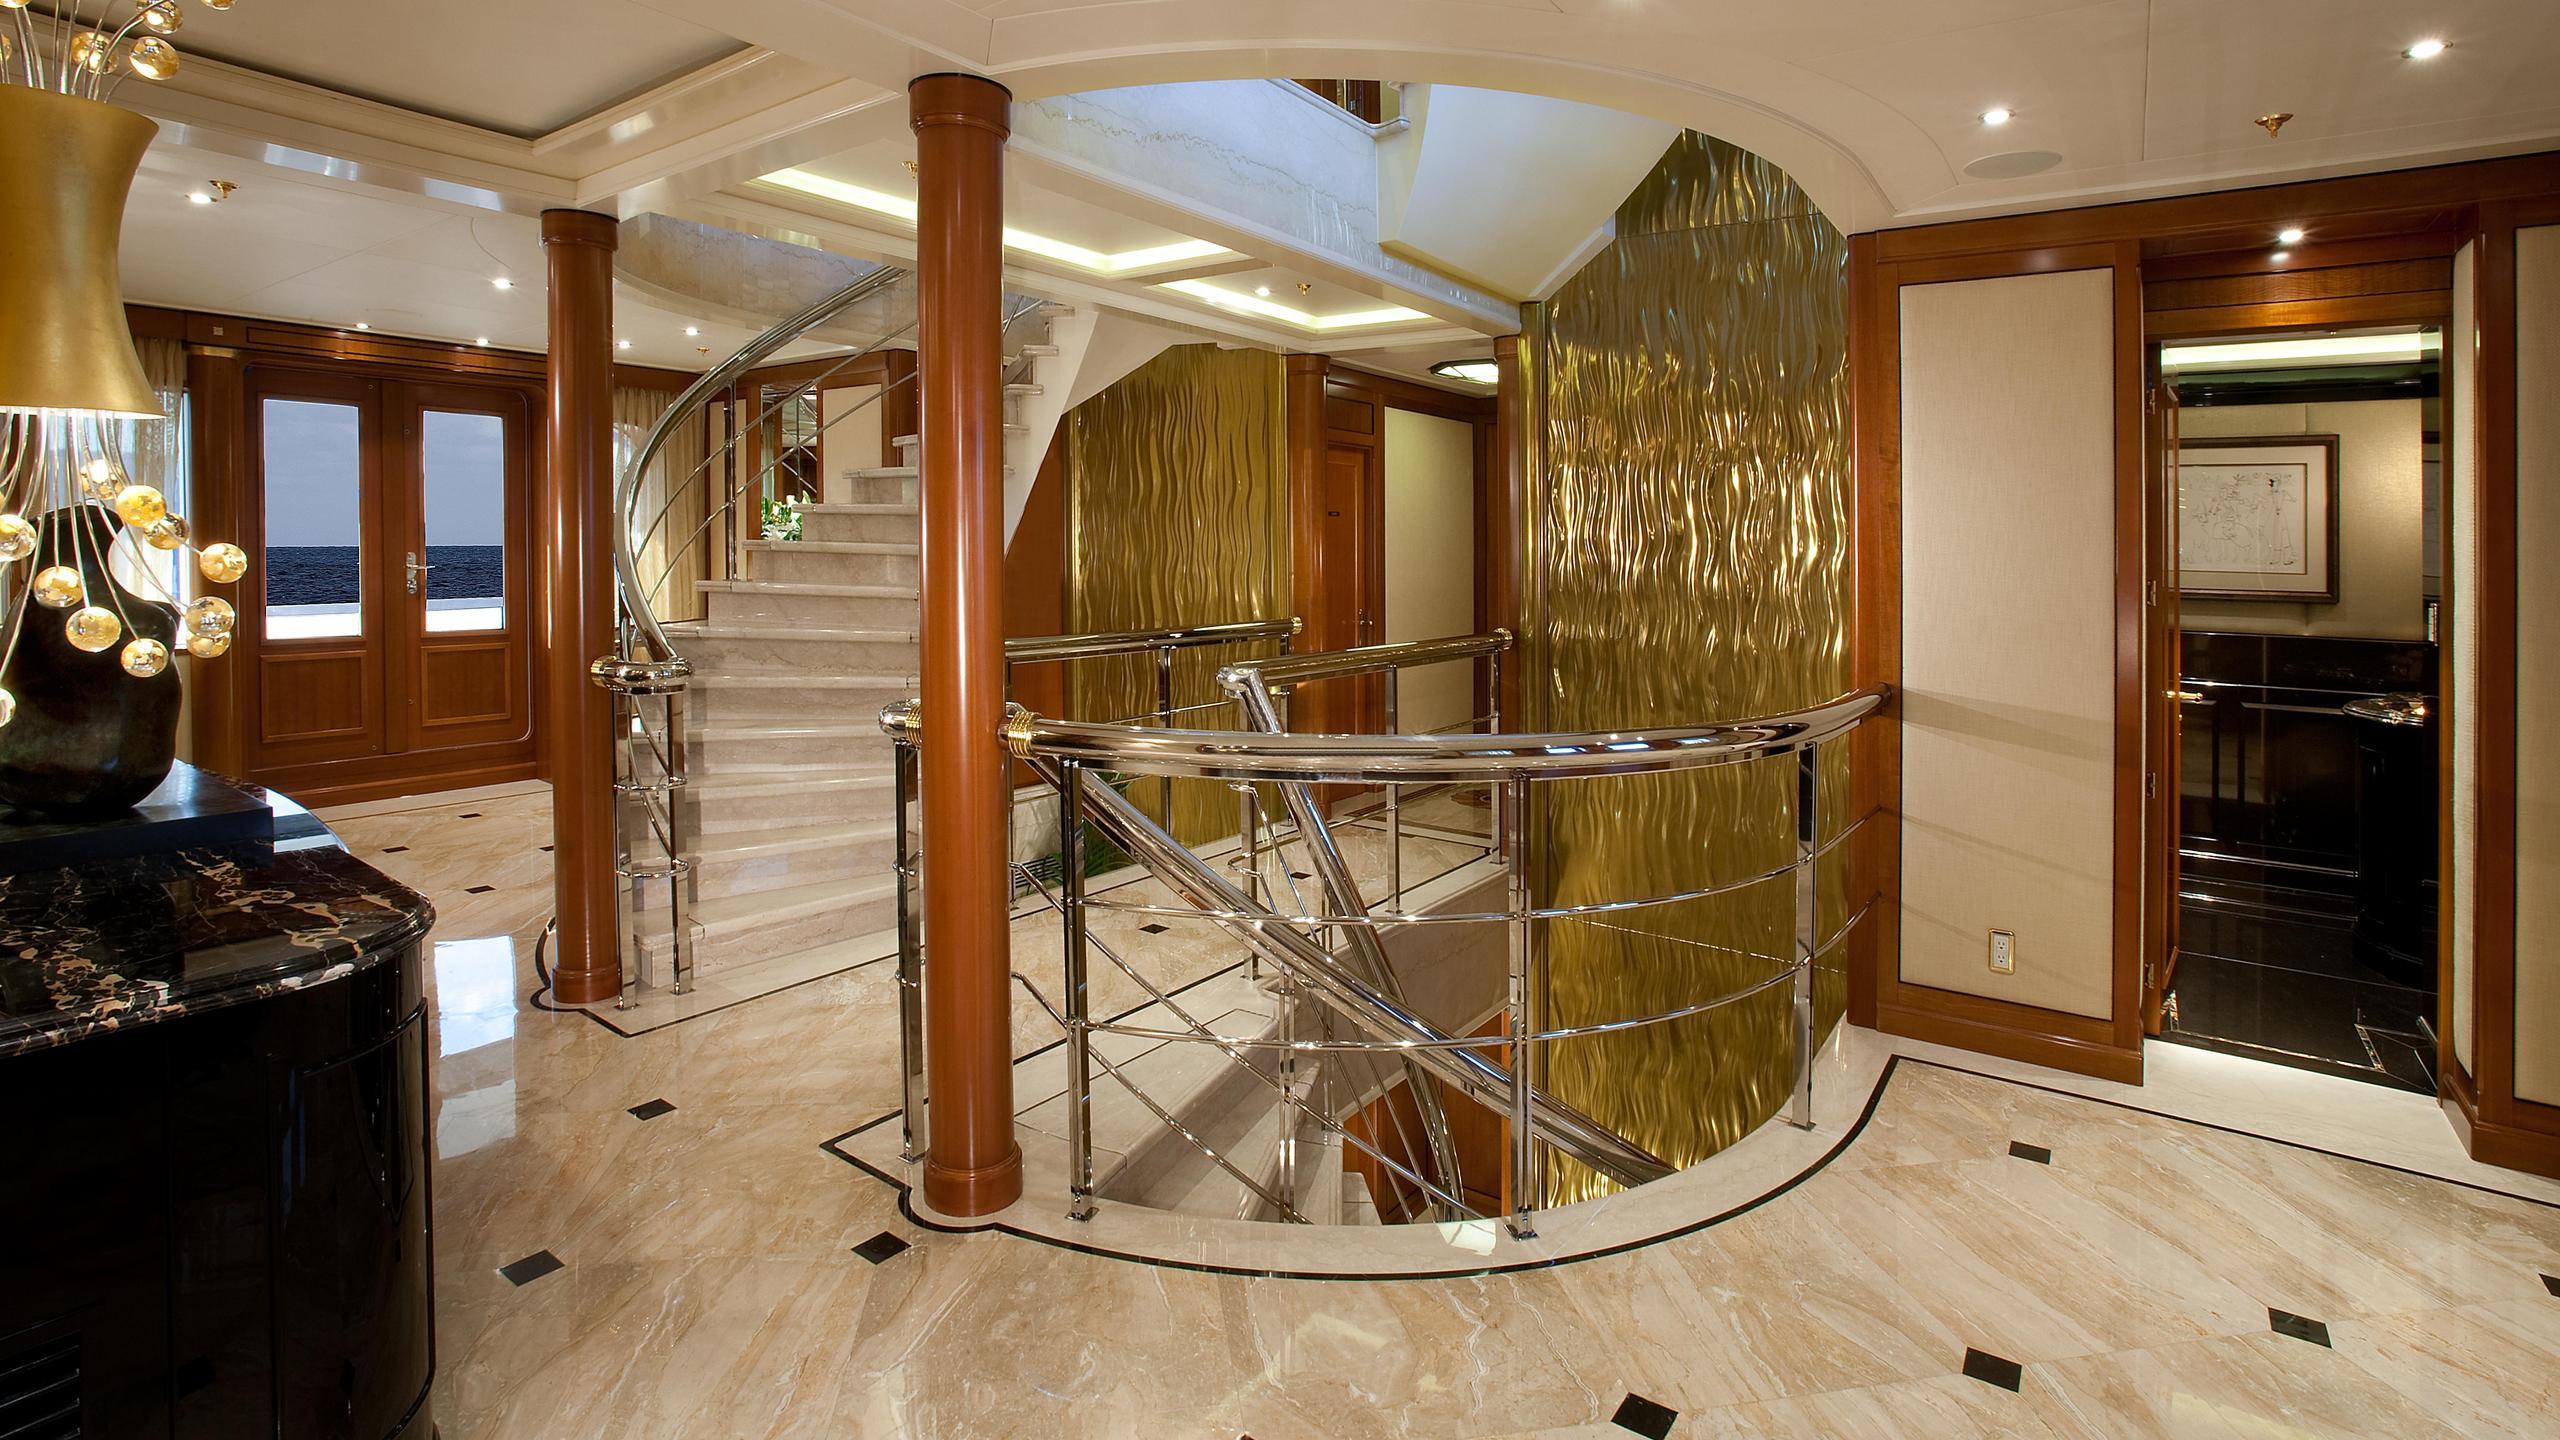 Attessa-IV-motor-yacht-hayashikane-1999-101m-foyer